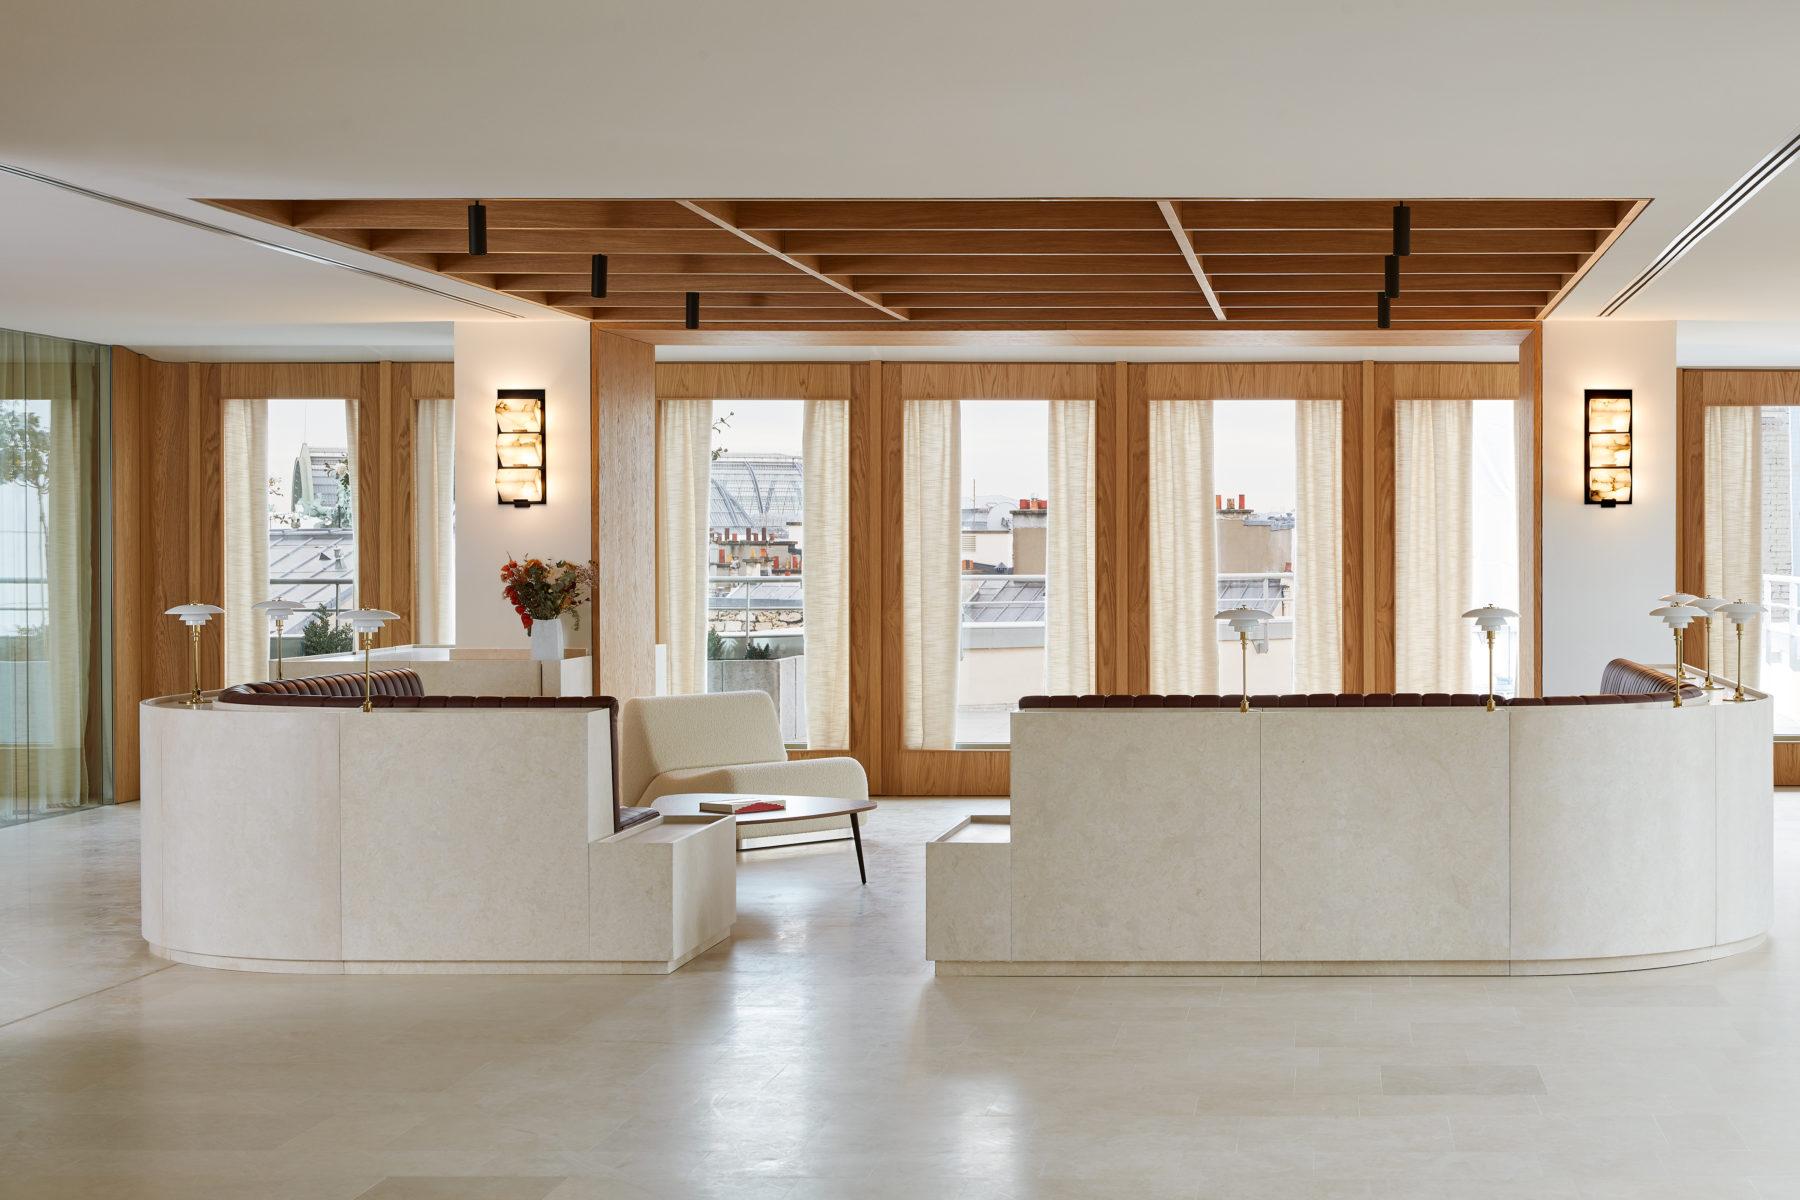 Lounge bureaux - Appliques murales galerie MCDE design par Pierre Charreau, lampe posées par louis poulsen, rideaux en lin électriques, plafond en bois avec vidéoprojecteur encastré